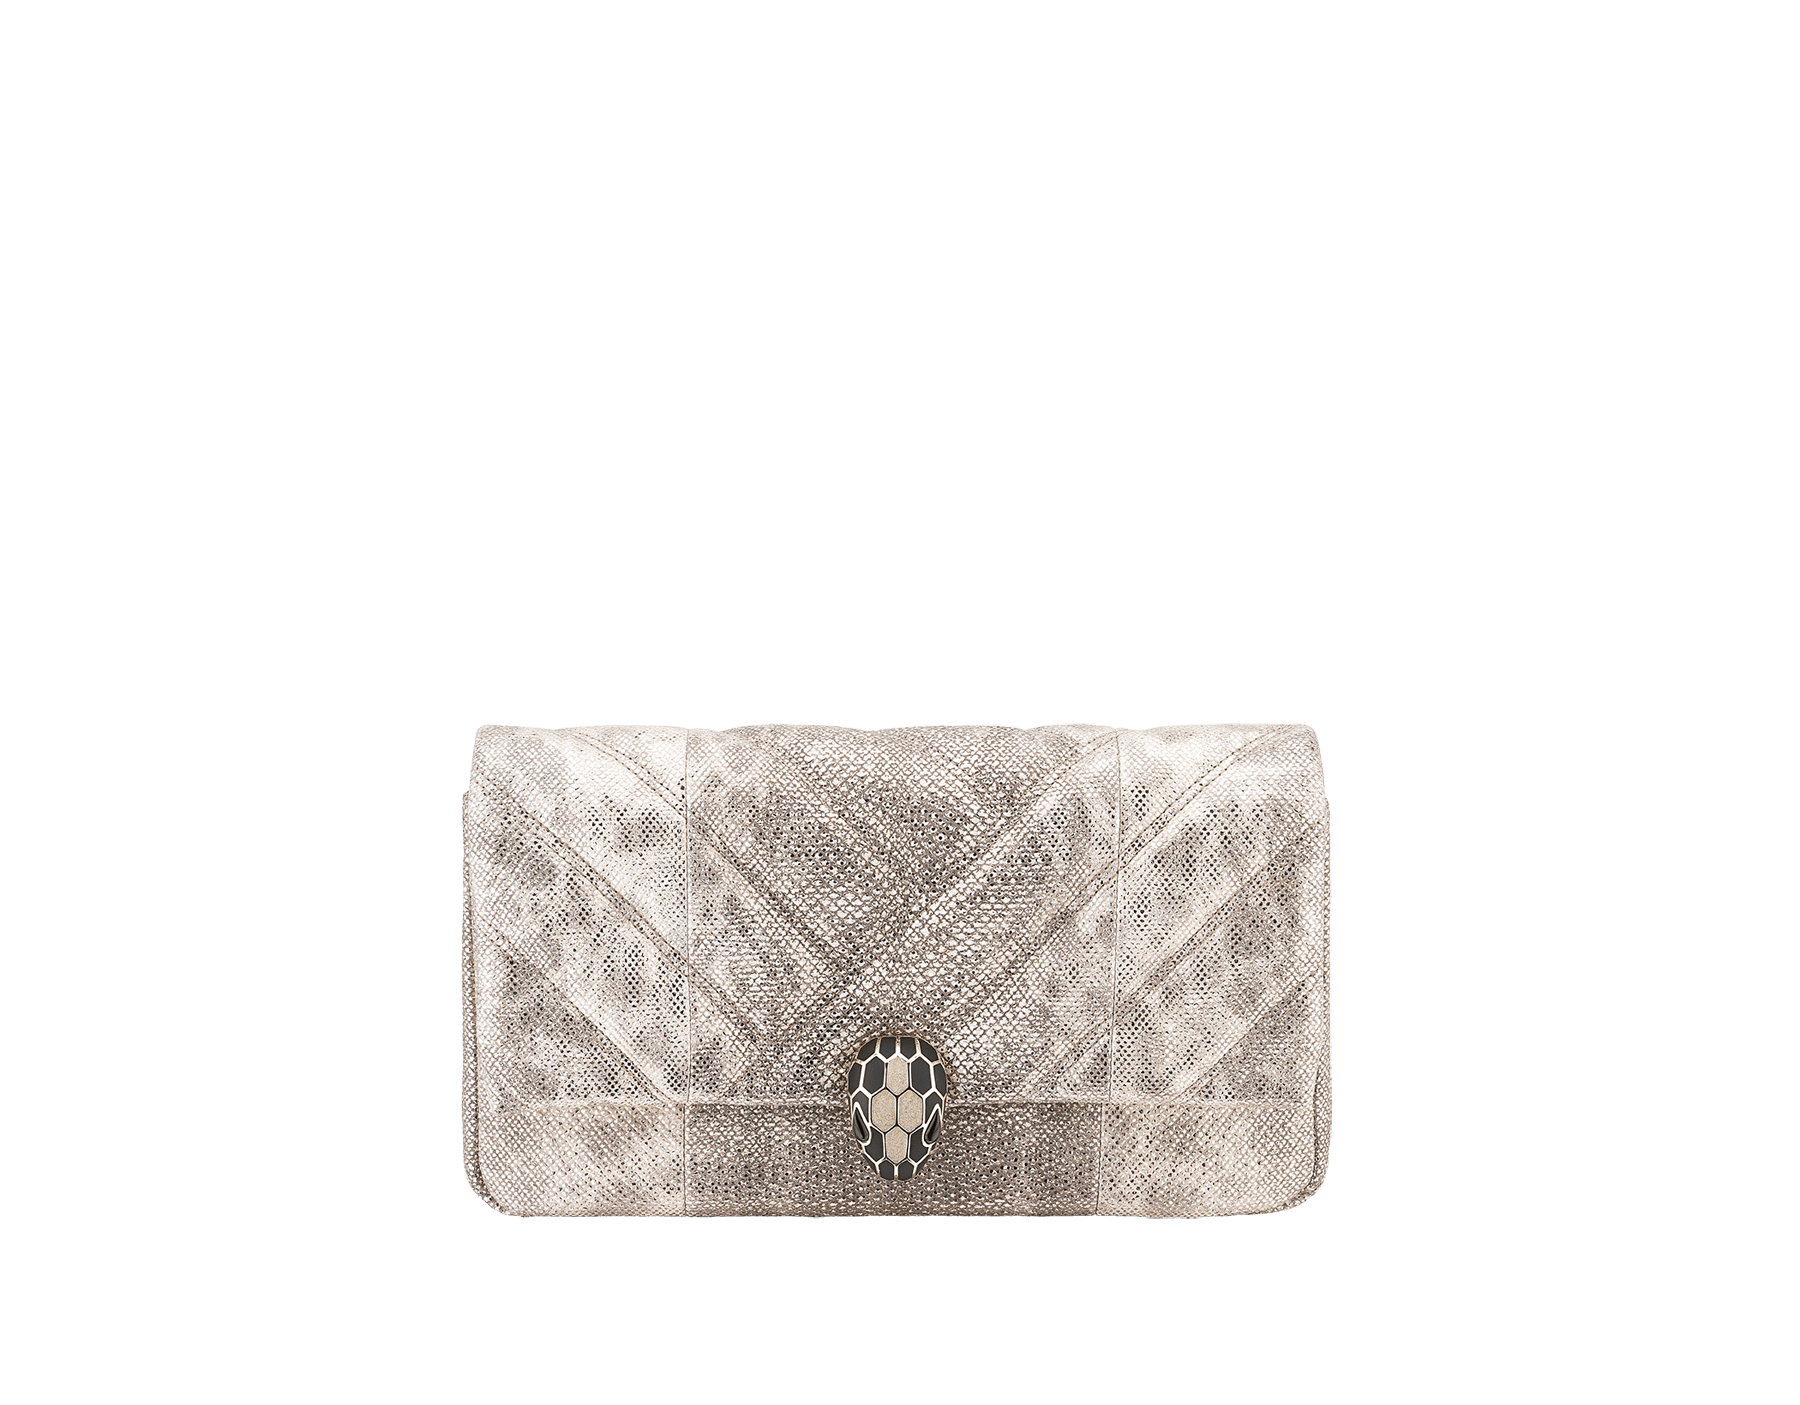 Clutch Serpenti Cabochon in karung metallizzato bianco opale con motivo geometrico matelassé. Accattivante chiusura Serpenti in ottone placcato oro chiaro, smalto nero e glitter bianco opale con occhi in onice nera. 1025-MK image 1